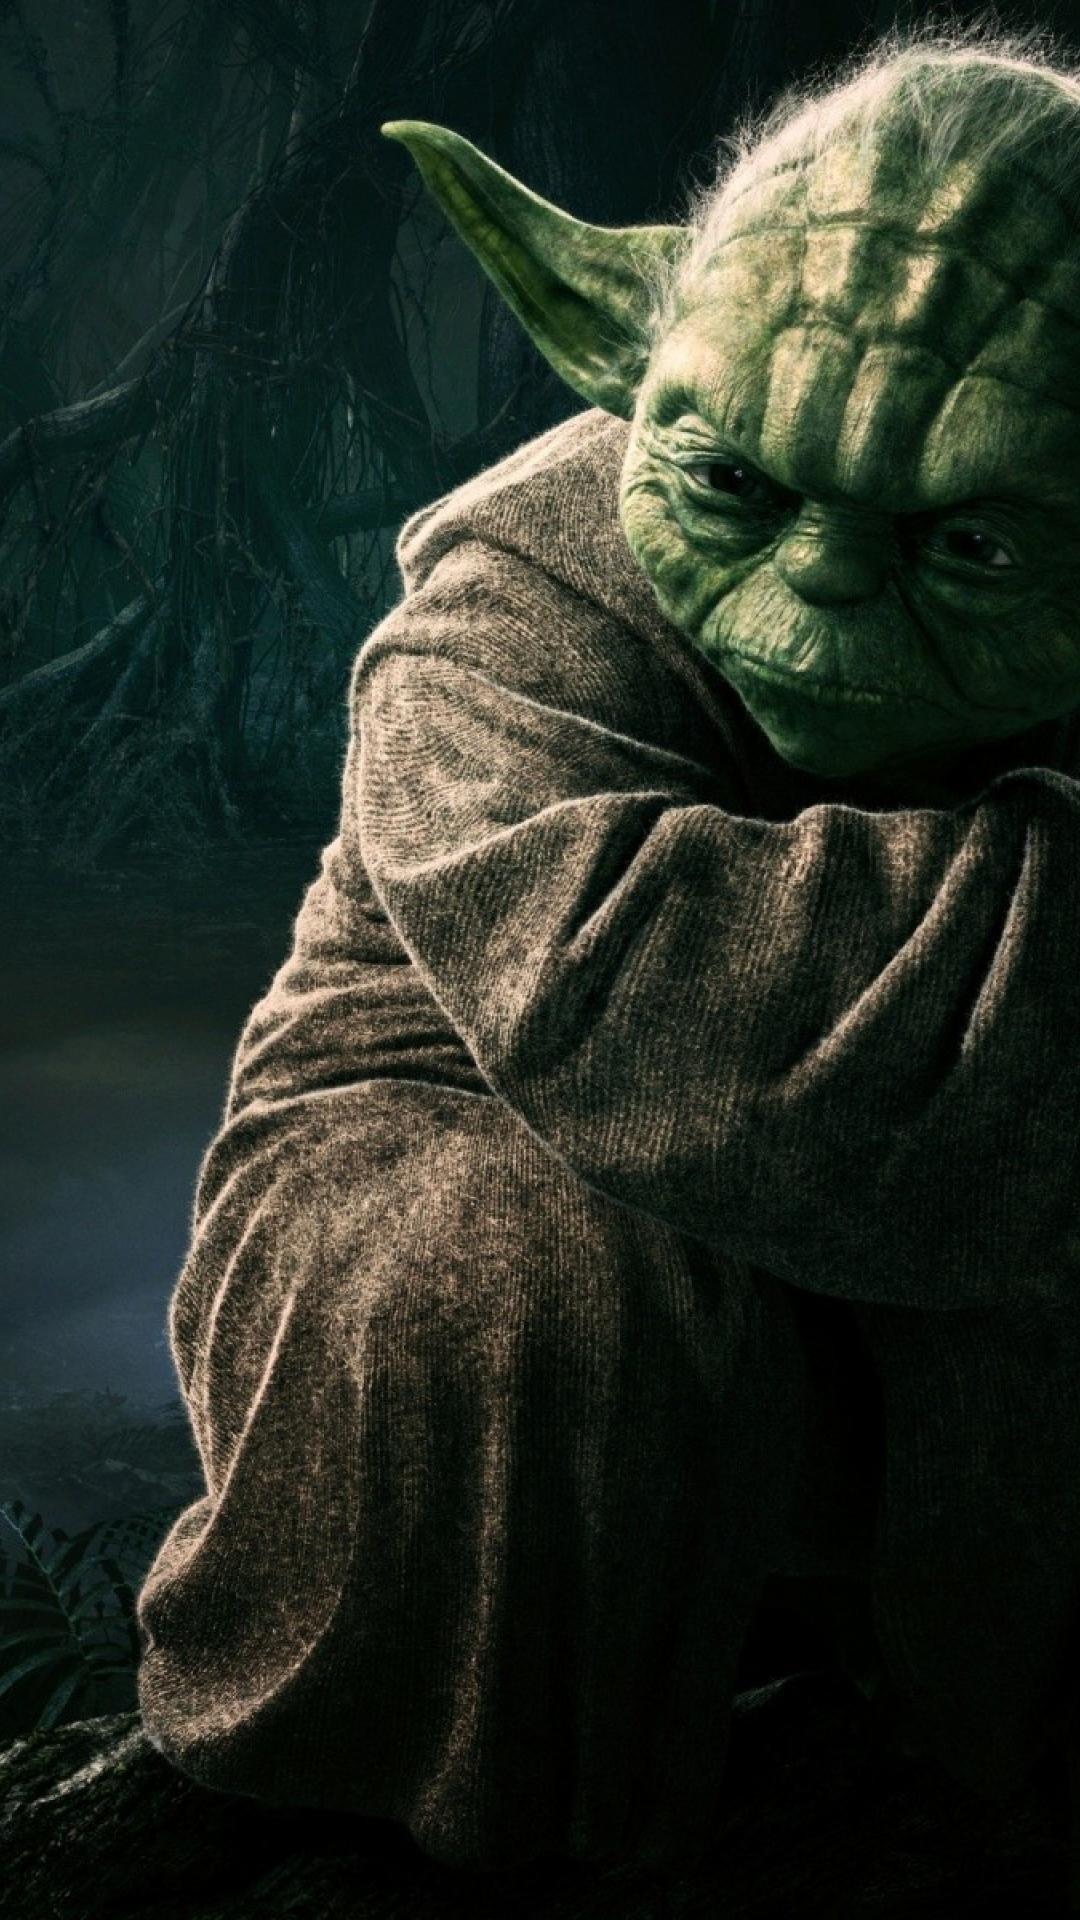 Yoda Star Wars Wallpaper